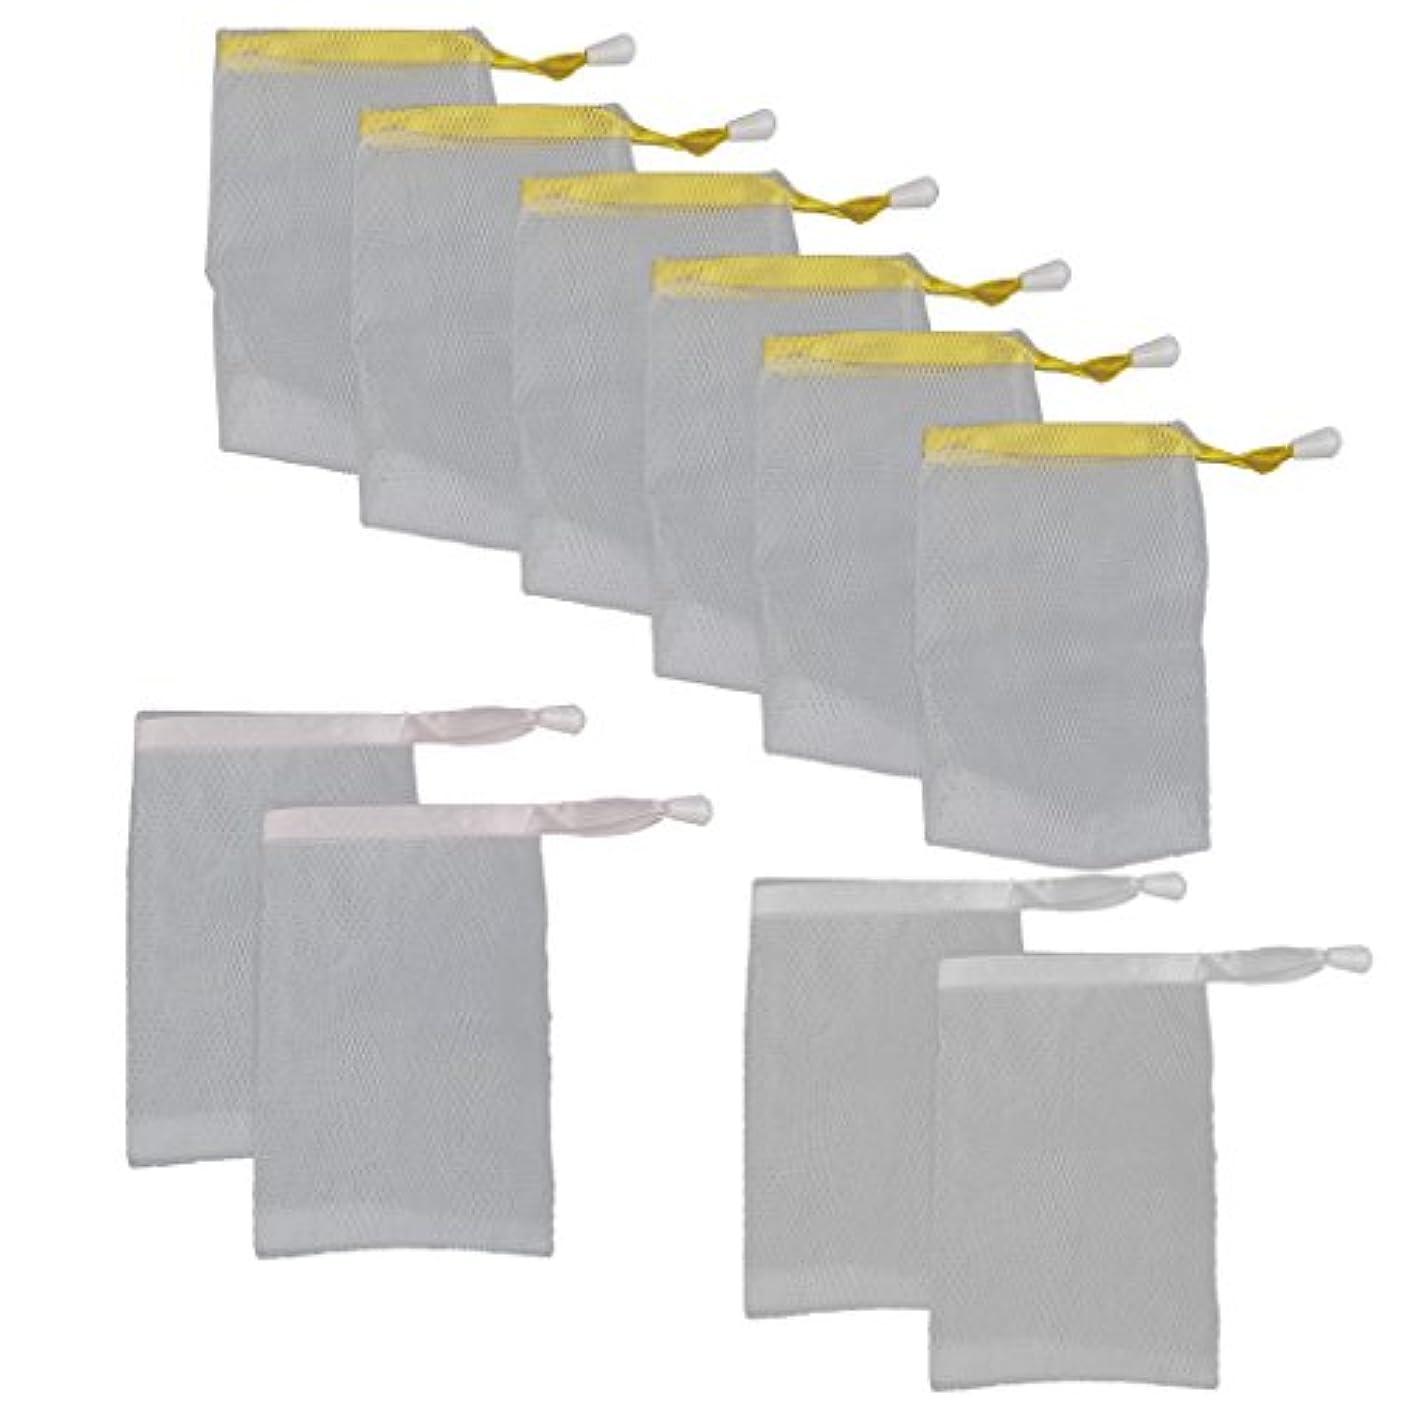 コーンウォール標準民主党Homyl メッシュ製 泡立て ホイップ 石鹸 ポーチ ネット ホルダー 巾着バッグ 10個